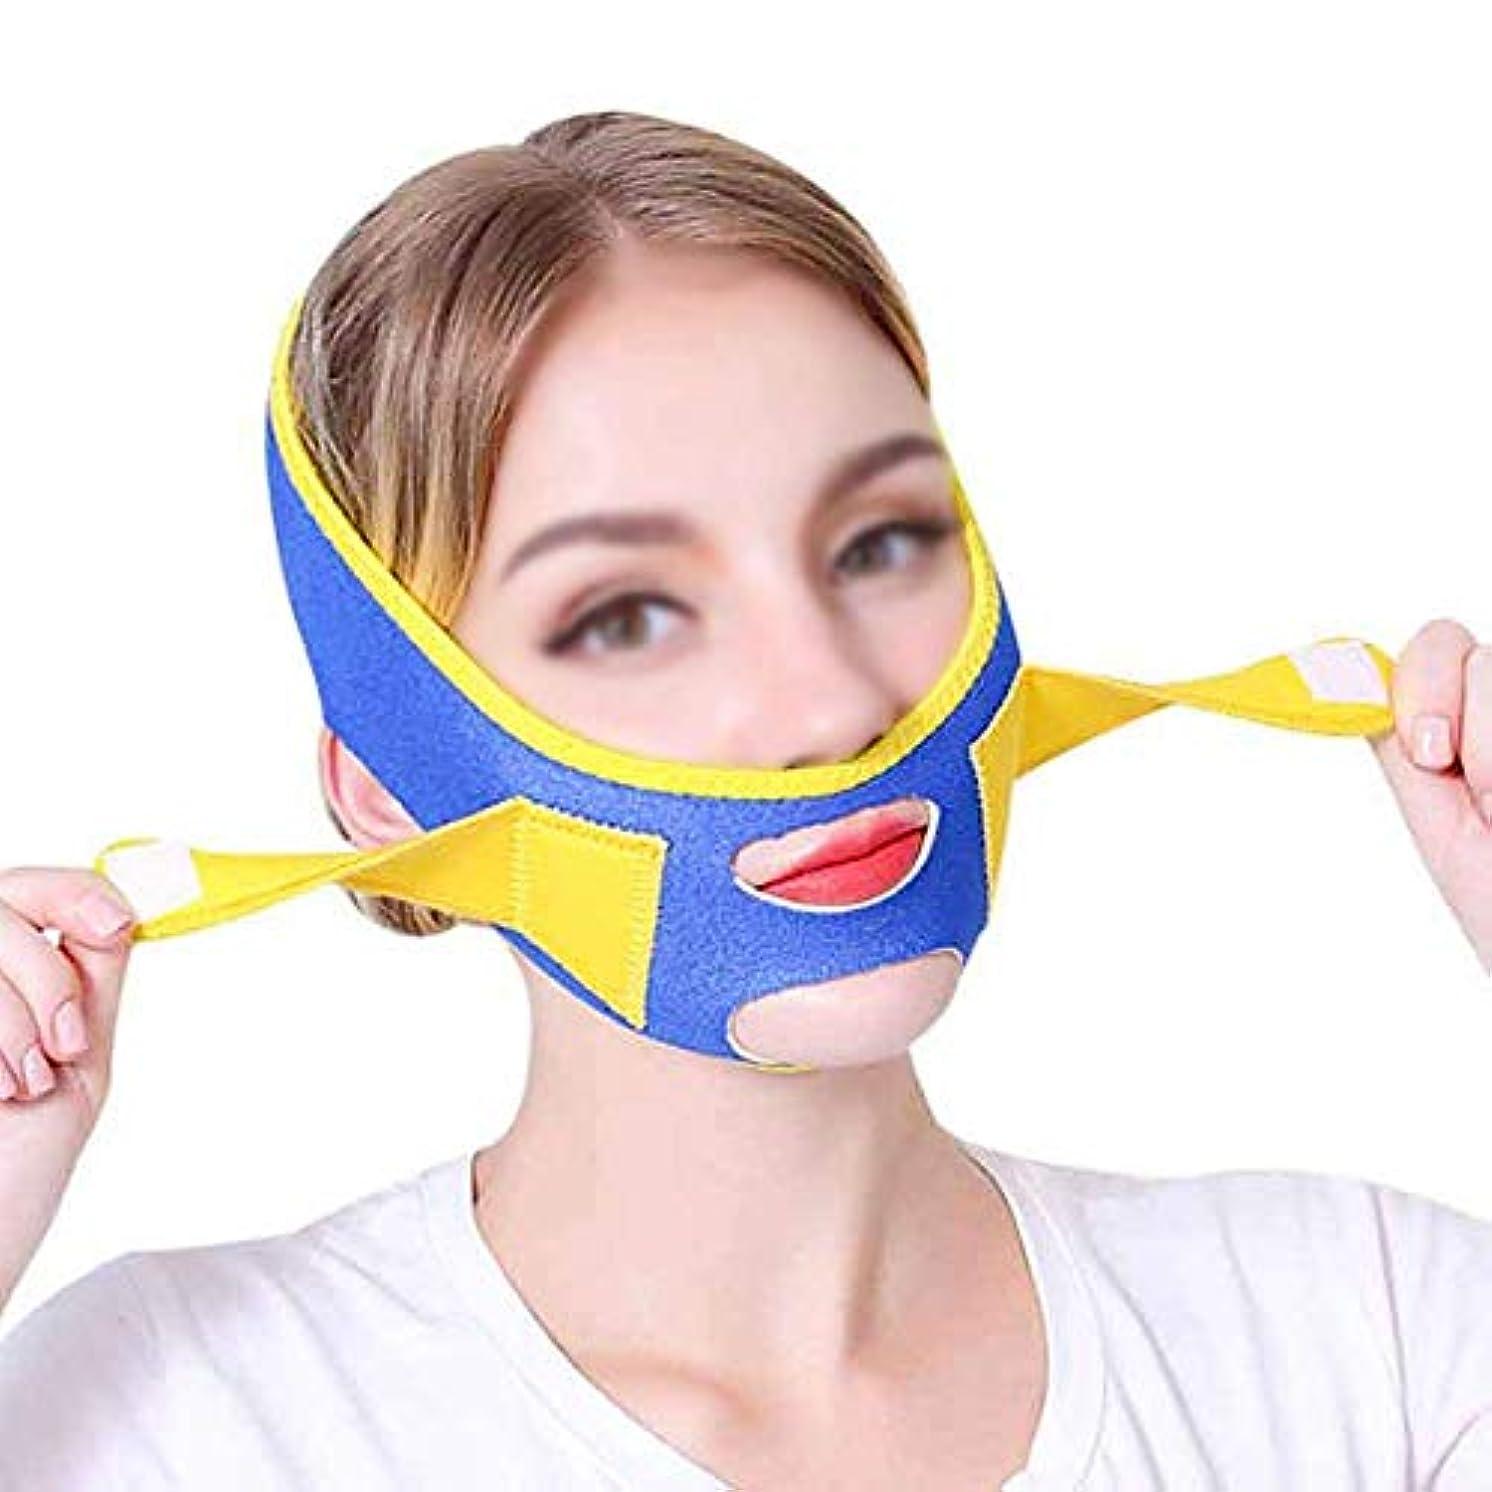 けがをする意外コインフェイスリフトマスク、あごストラップ回復包帯シンフェイスマスクVフェイスステッカーフェイスリフトステッカー韓国本物のリフティングファーミングリフト整形薄型ダブルチンフェイスリフト睡眠包帯アーティファクト